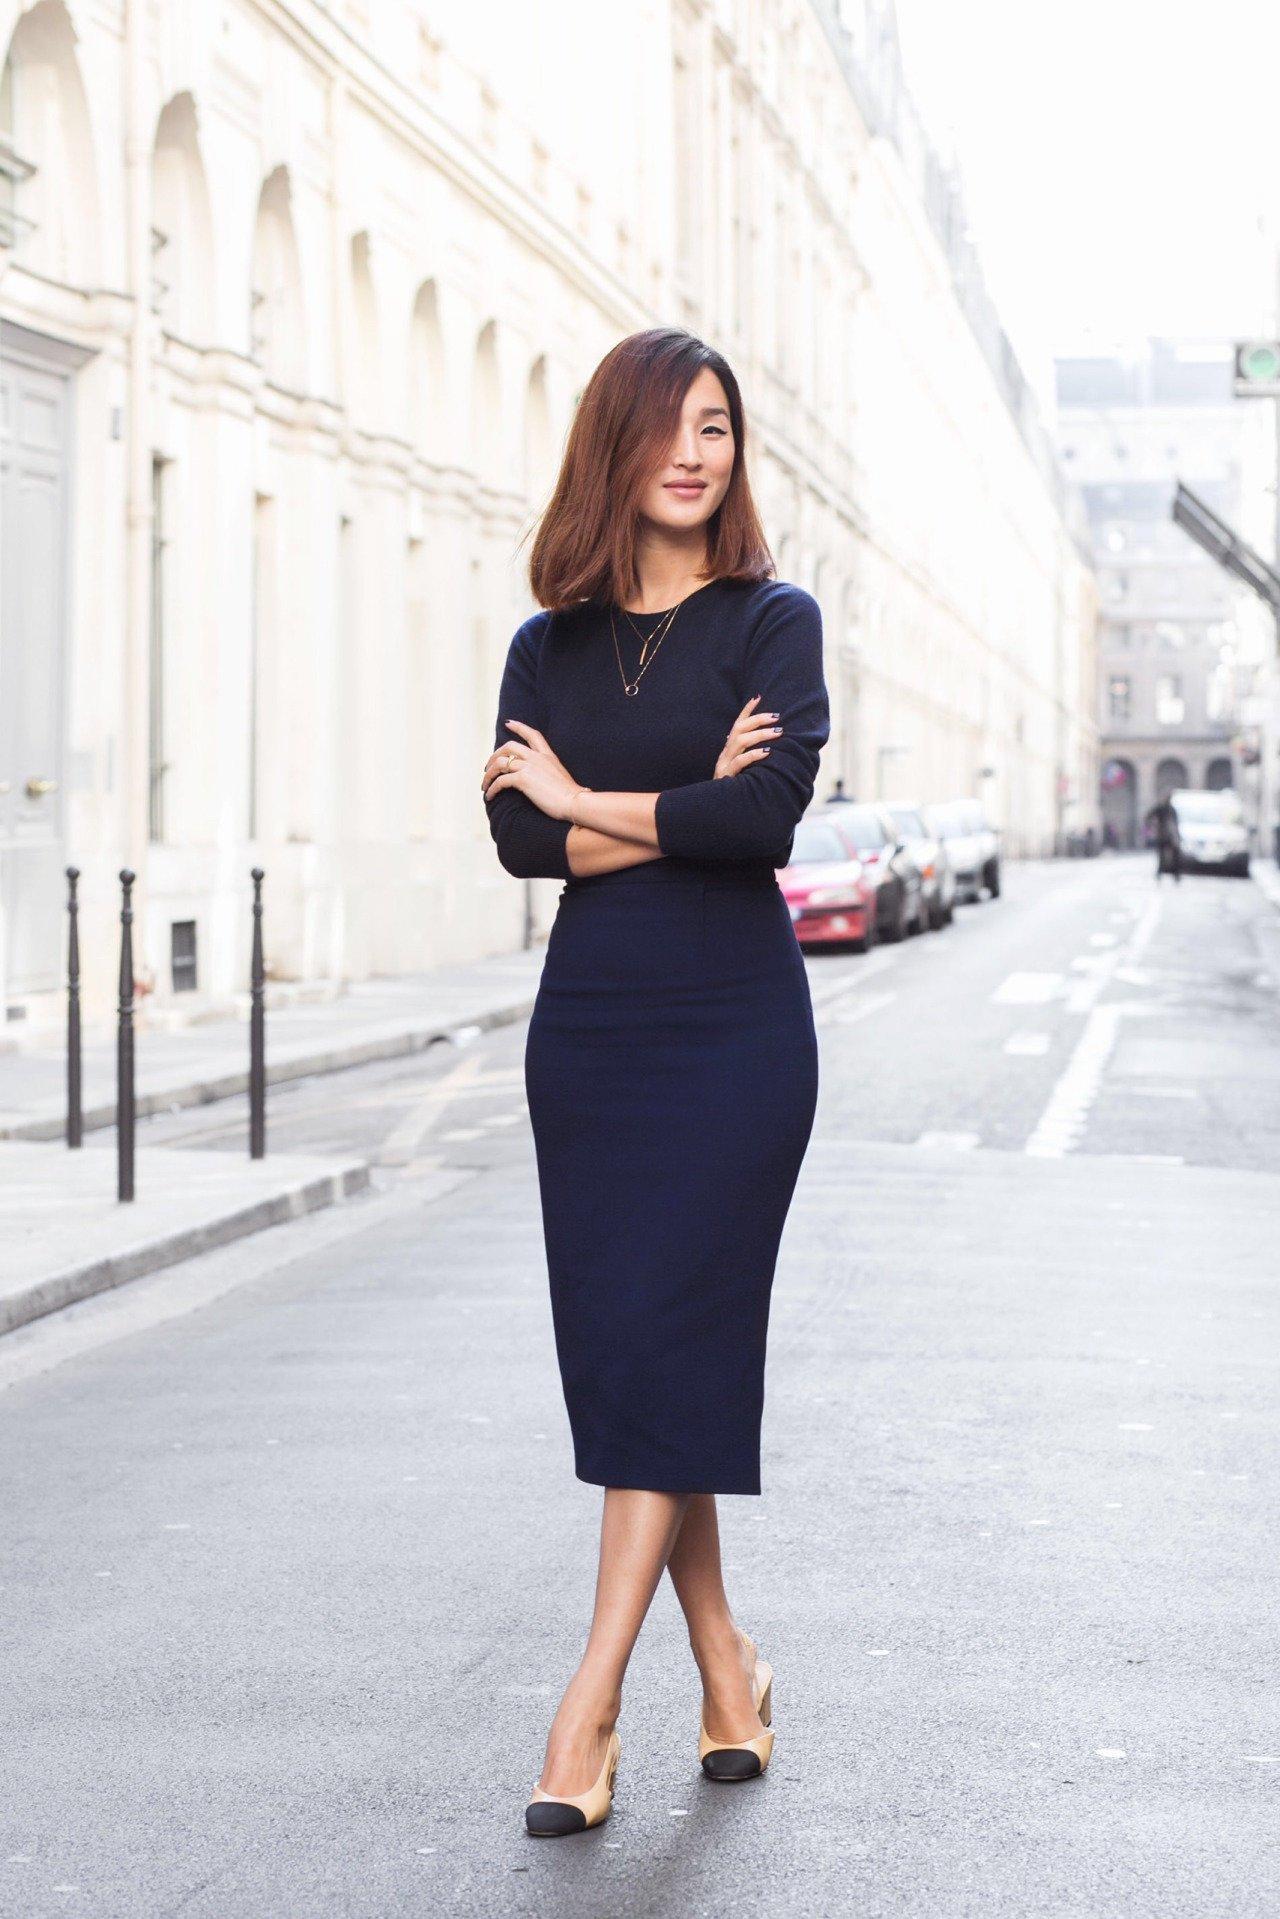 delovoe-plate-foto_-51 ТОП 10 самых красивых платьев в мире: рейтинг на фото